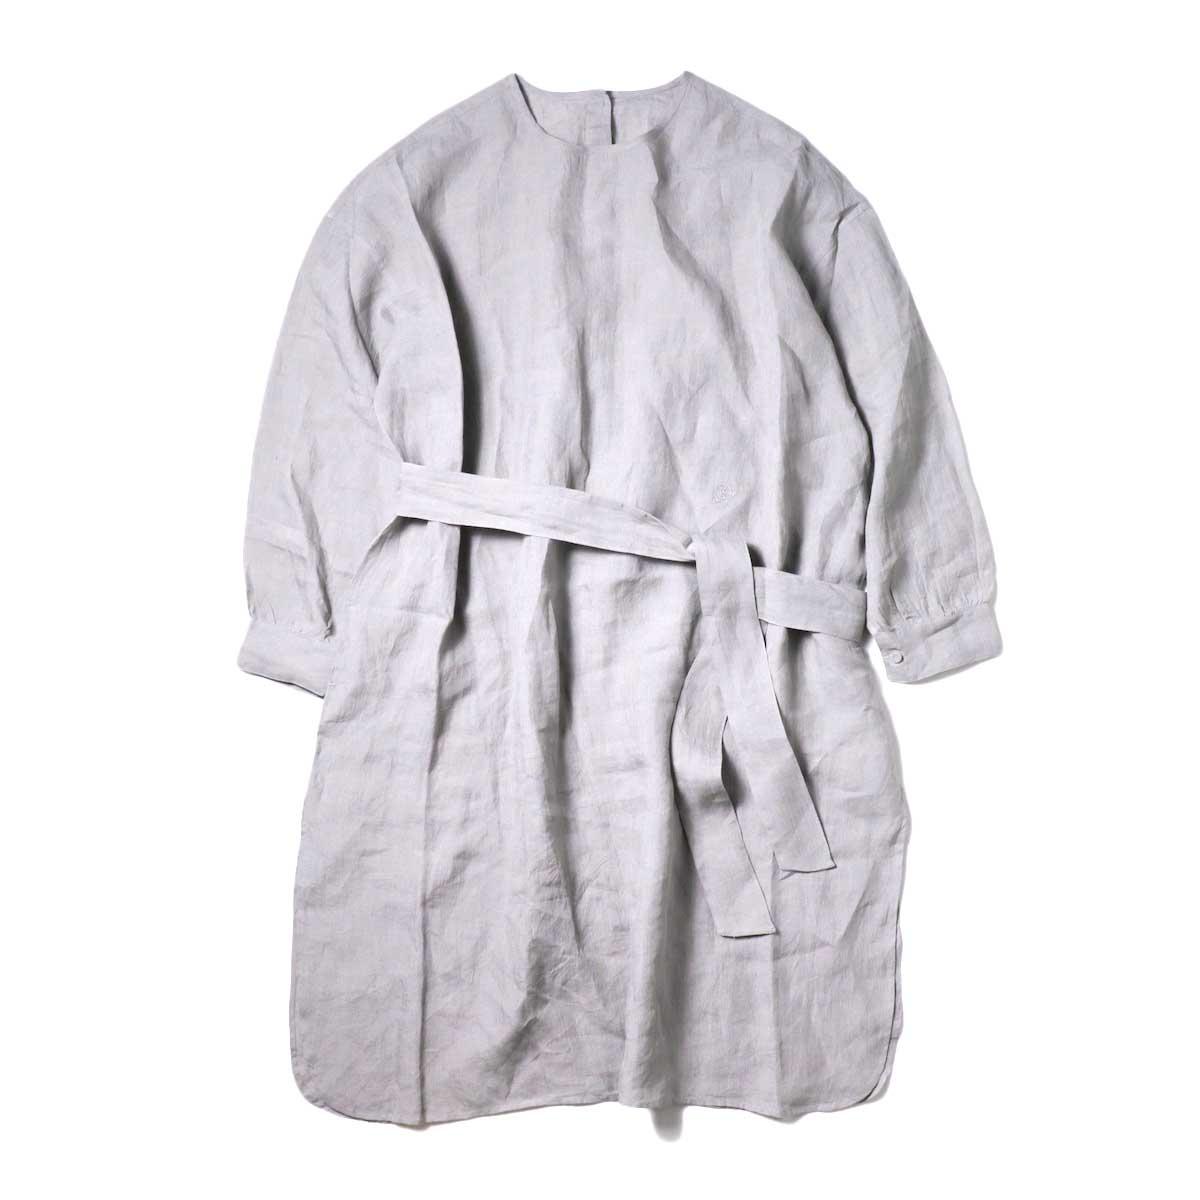 maison de soil / BACK OPENING CREN-NECK SHIRT DRESS (Med Grey)